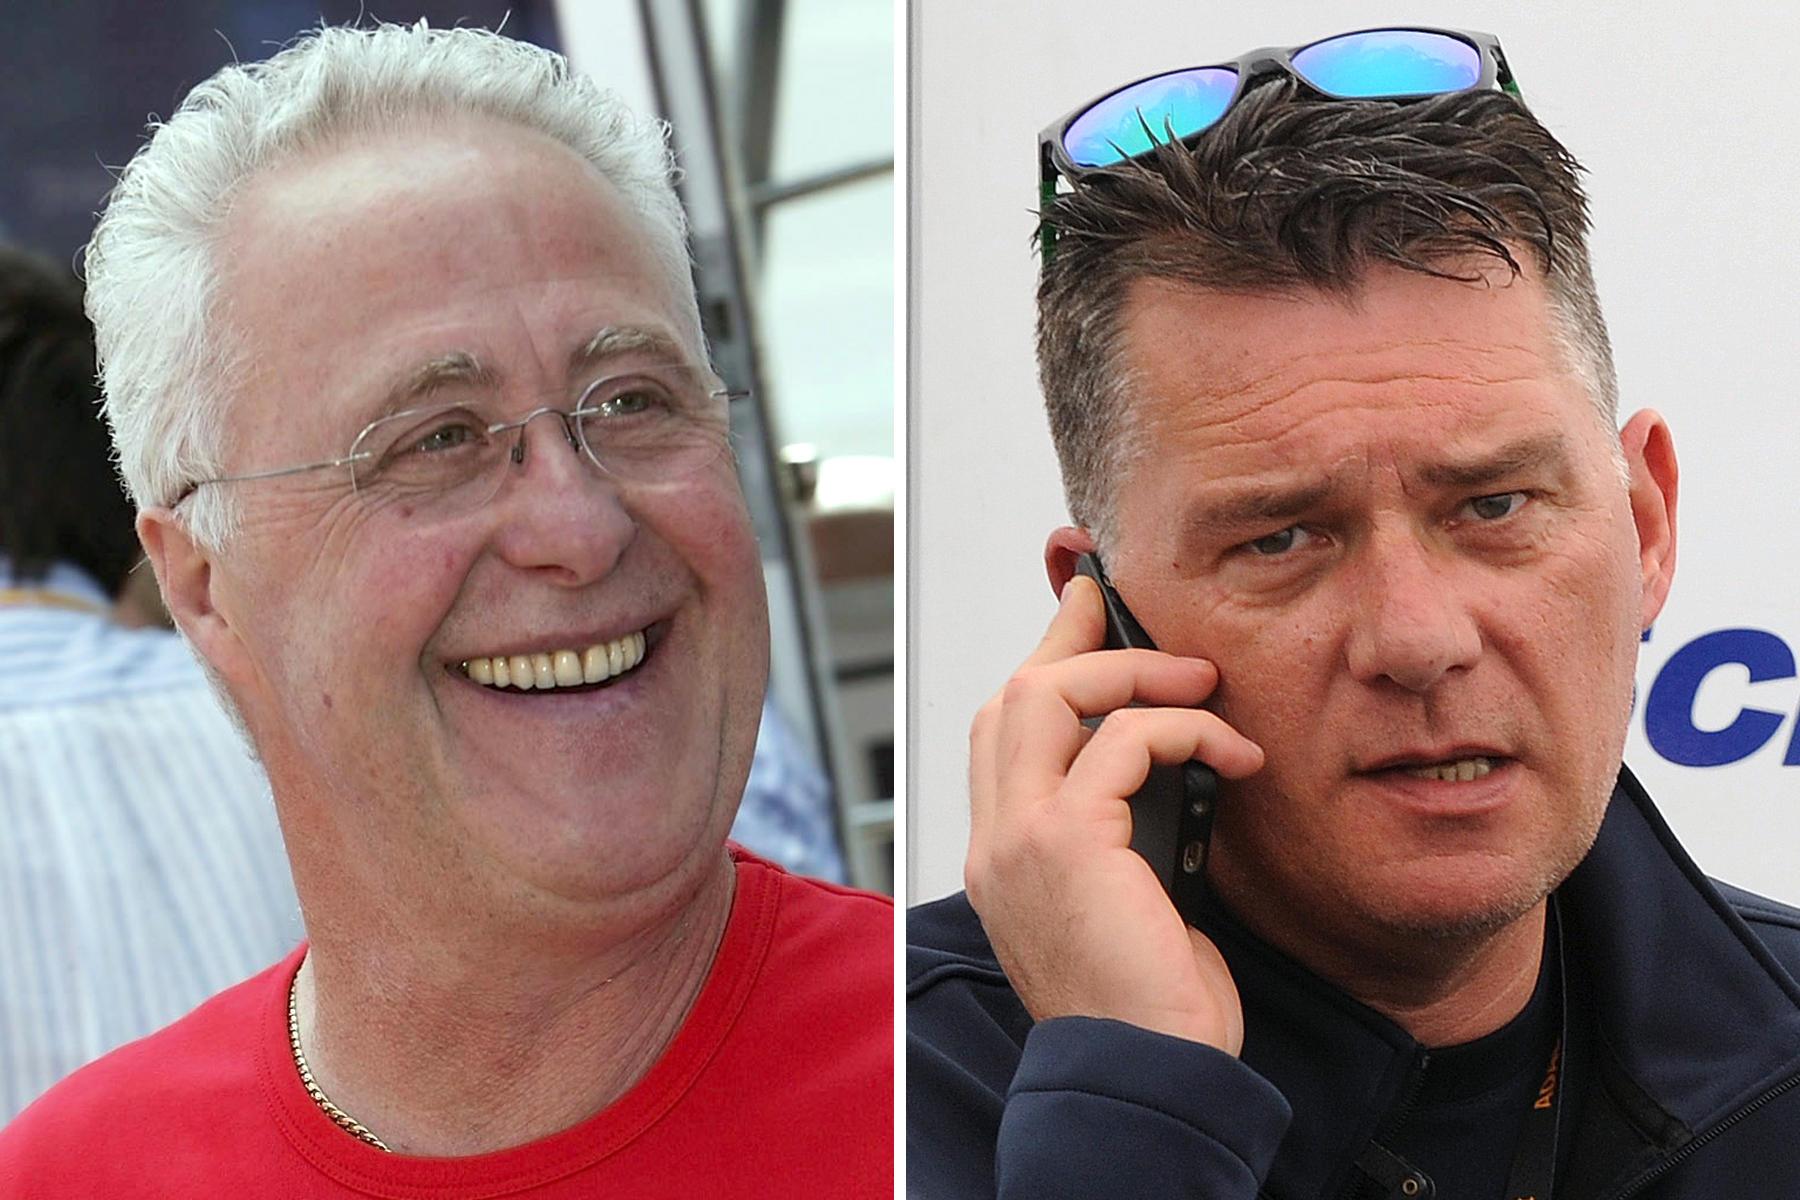 Die zwei Männer an Micks Seite: Opa Rolf (l.) und Peter Kaiser. Der langjährige Kumpel von Michael Schumacher ist einer der Betreuer von Mick.